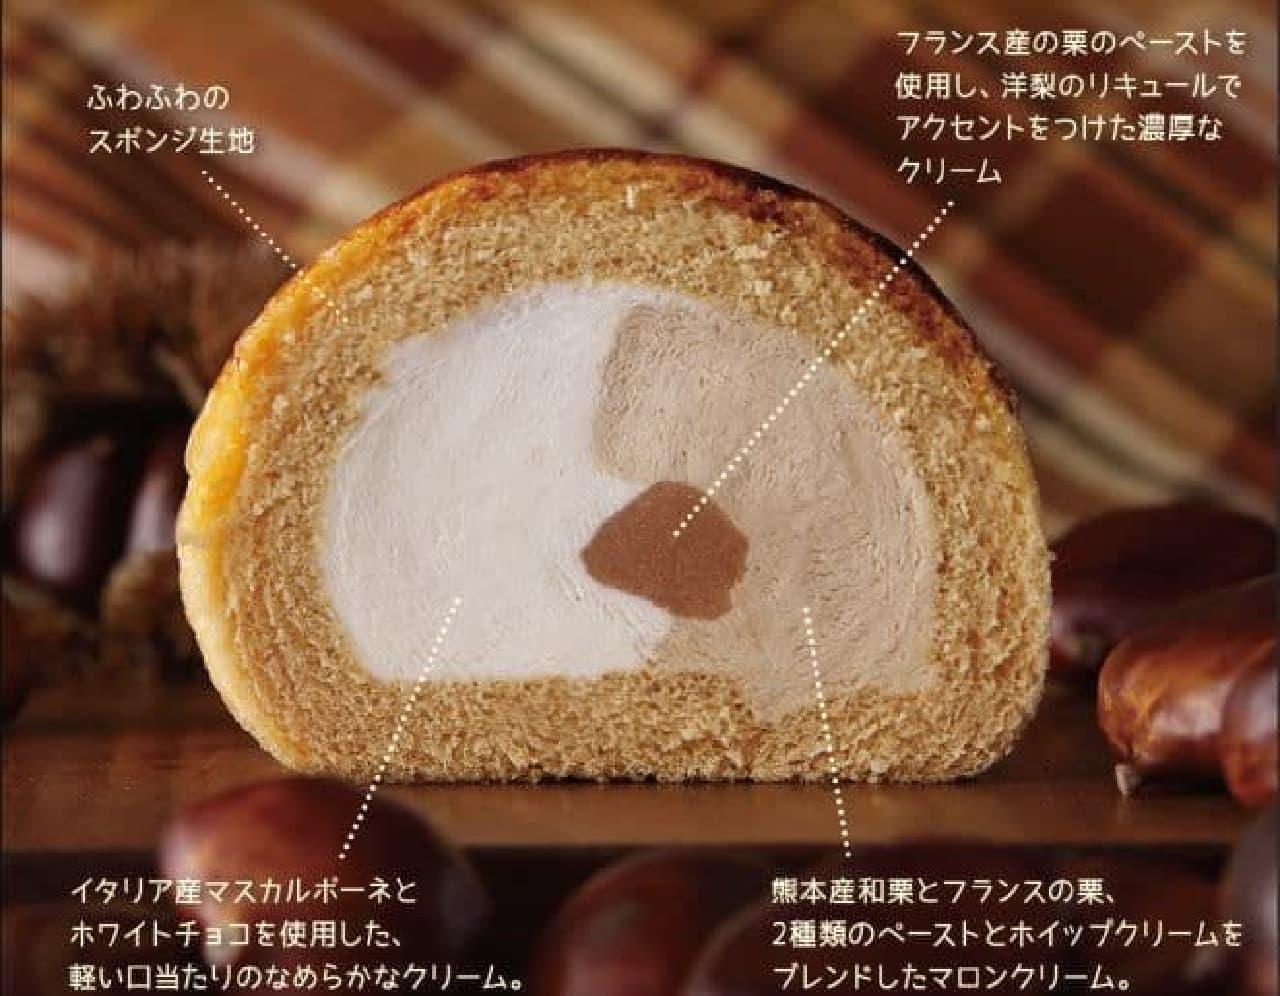 「マロンロール」は2種類のペーストを使用したマロンクリームと、ミルククリームが包まれたロールケーキ